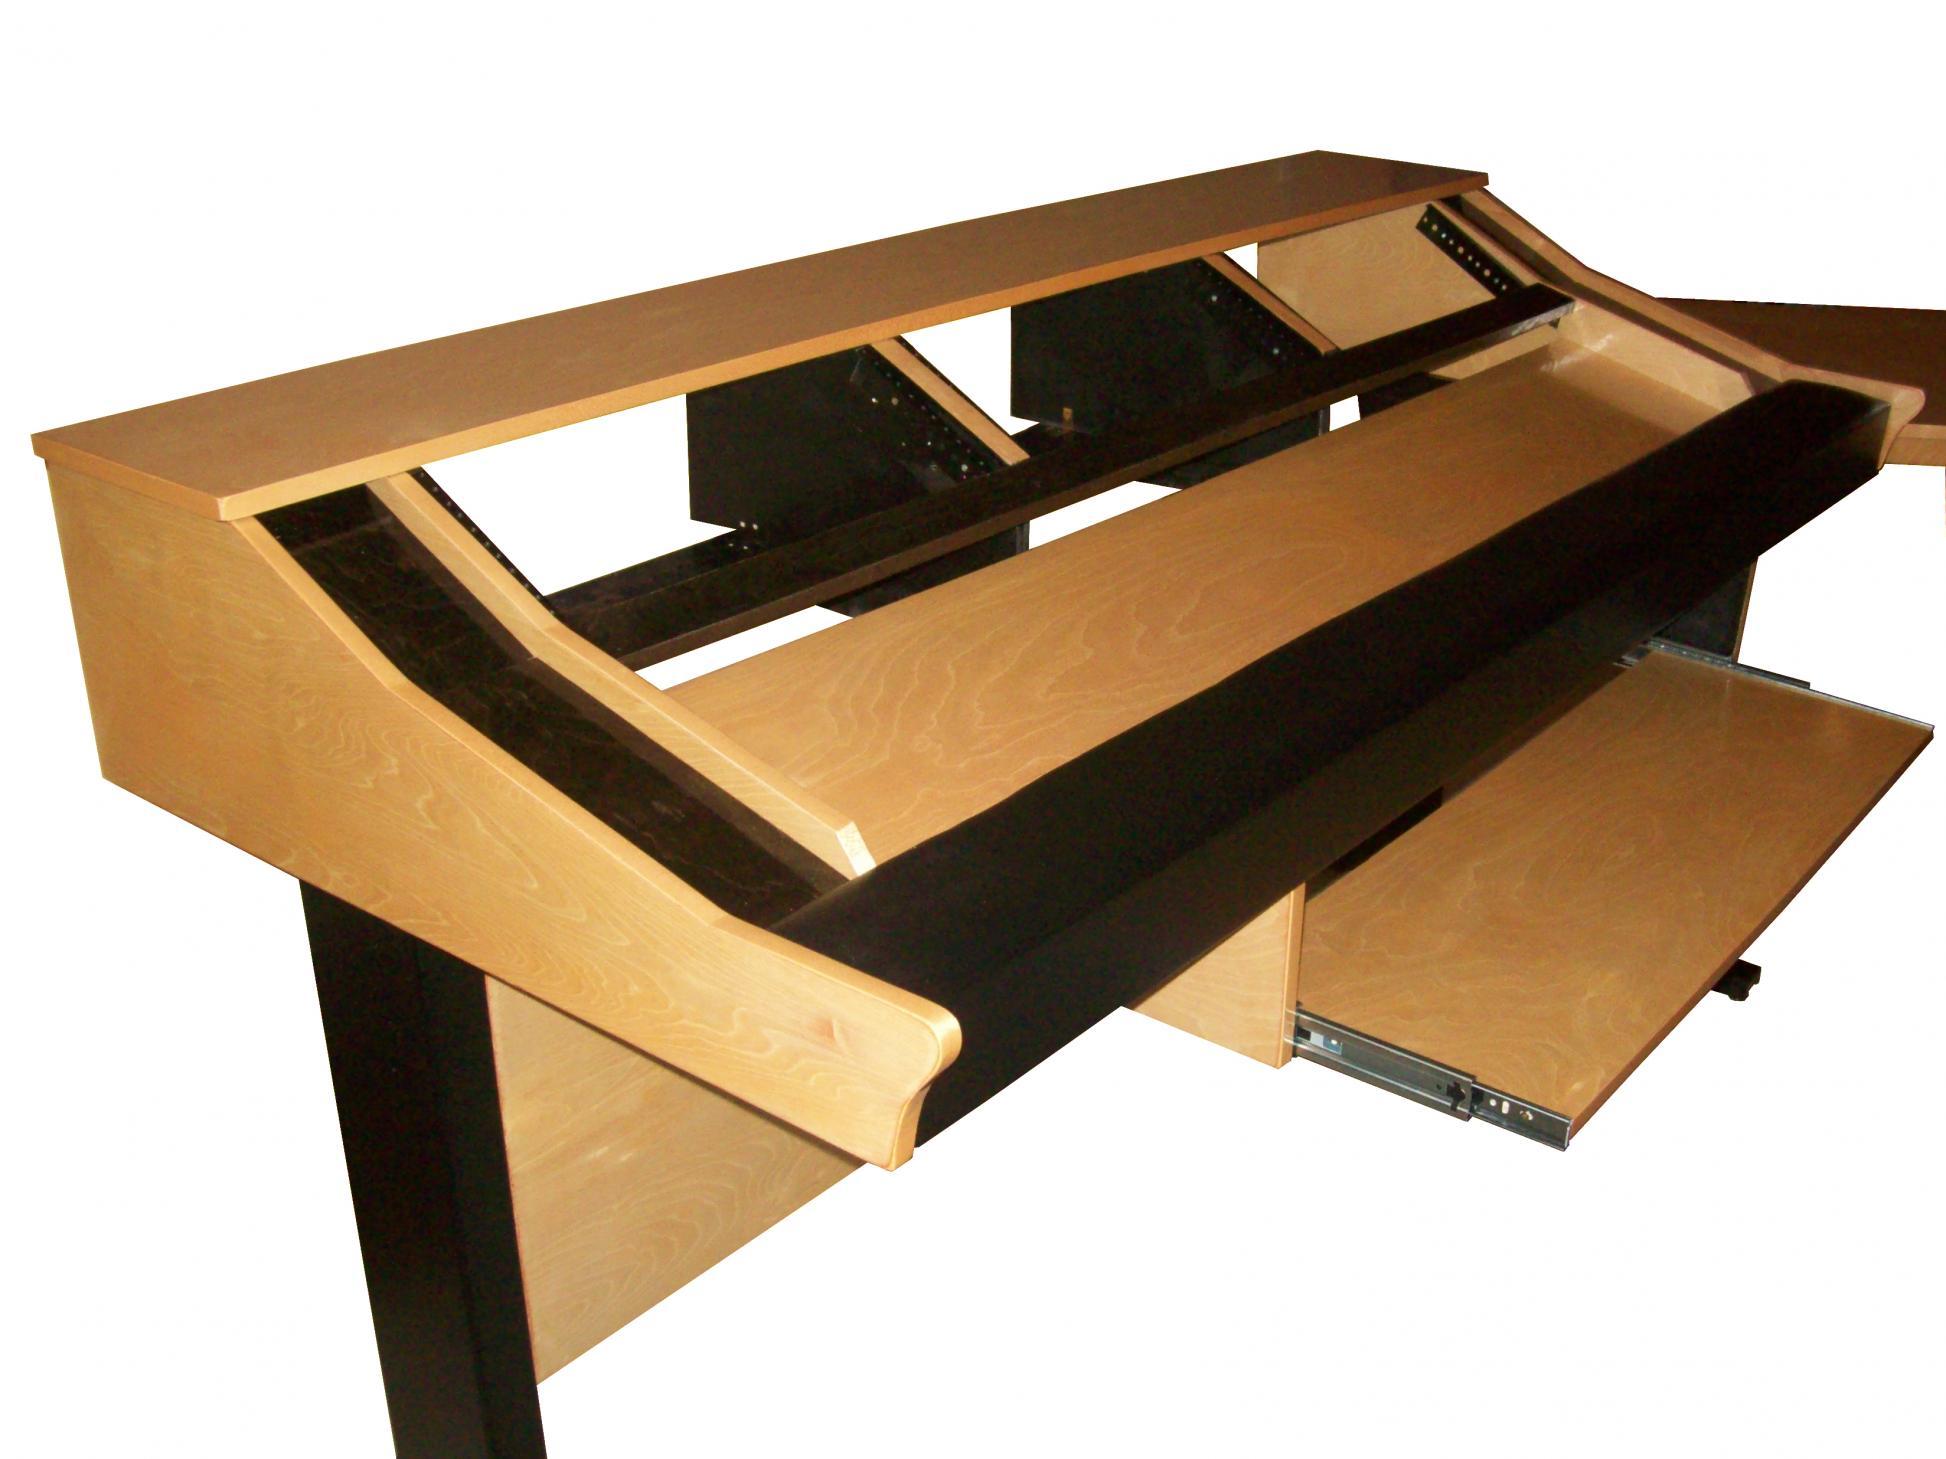 Style & Function Euphonix Studio Desk - Gearslutz.com